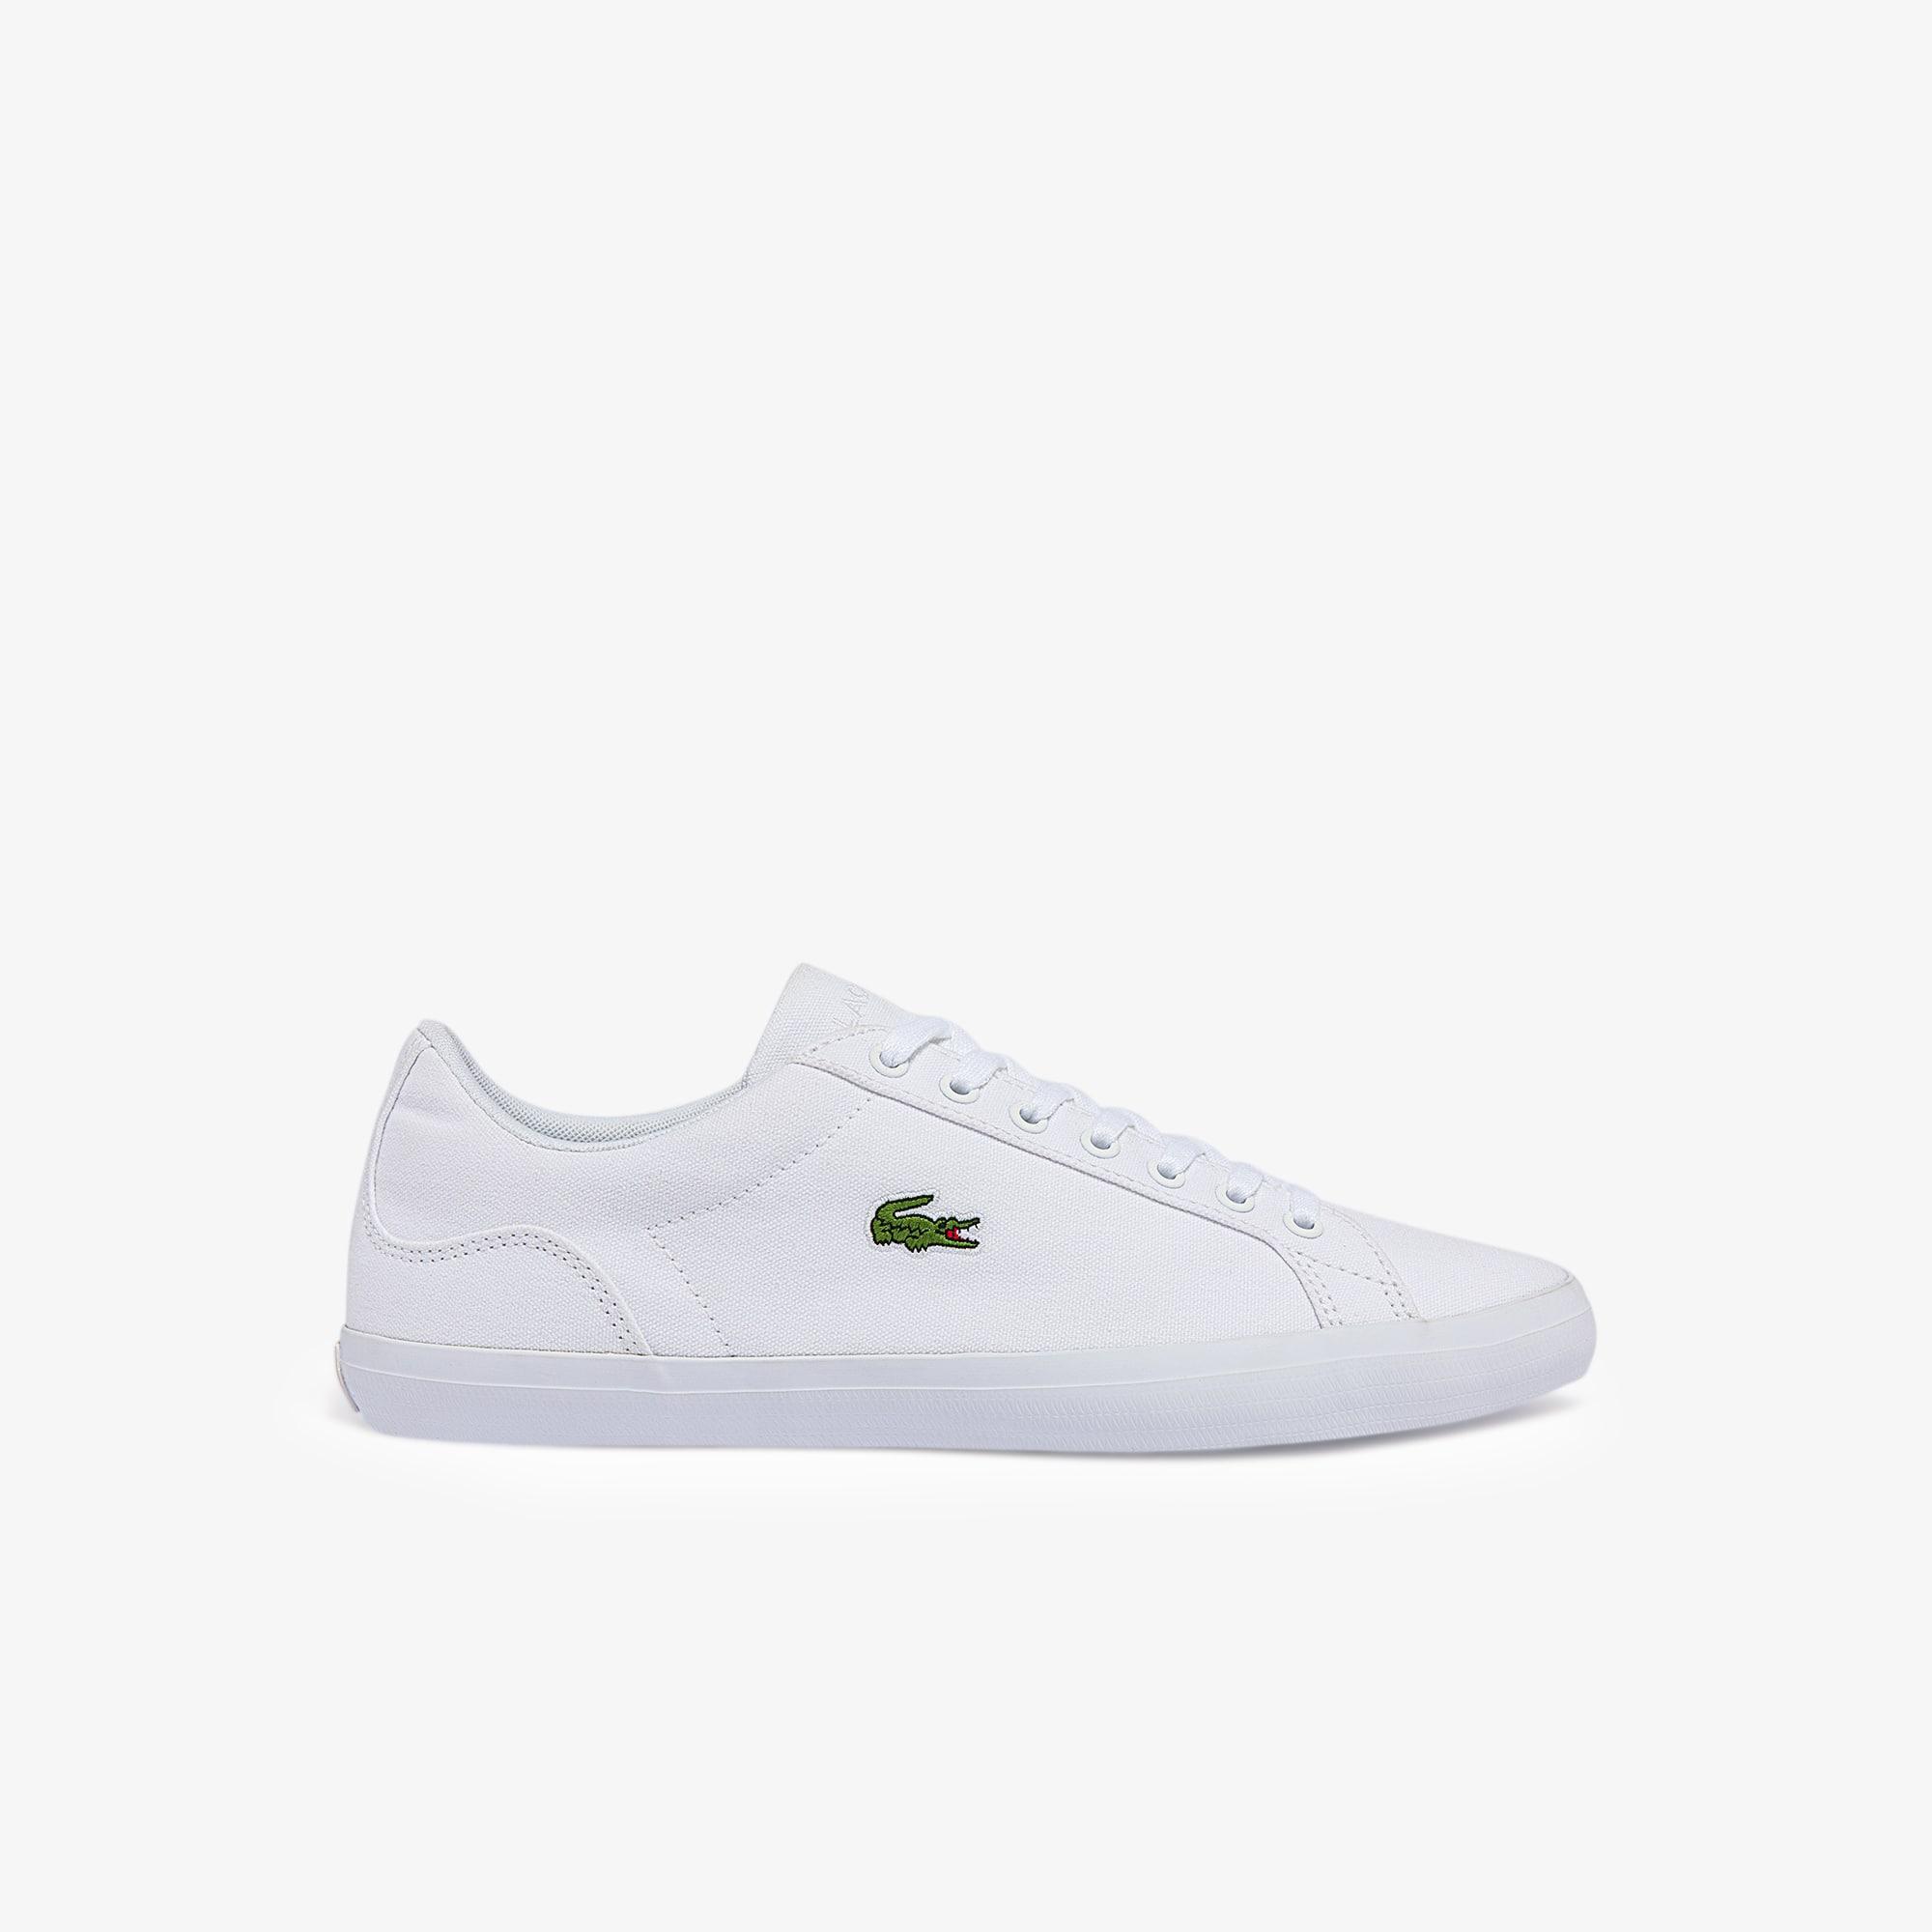 Lerond BL Herensneakers van Canvas